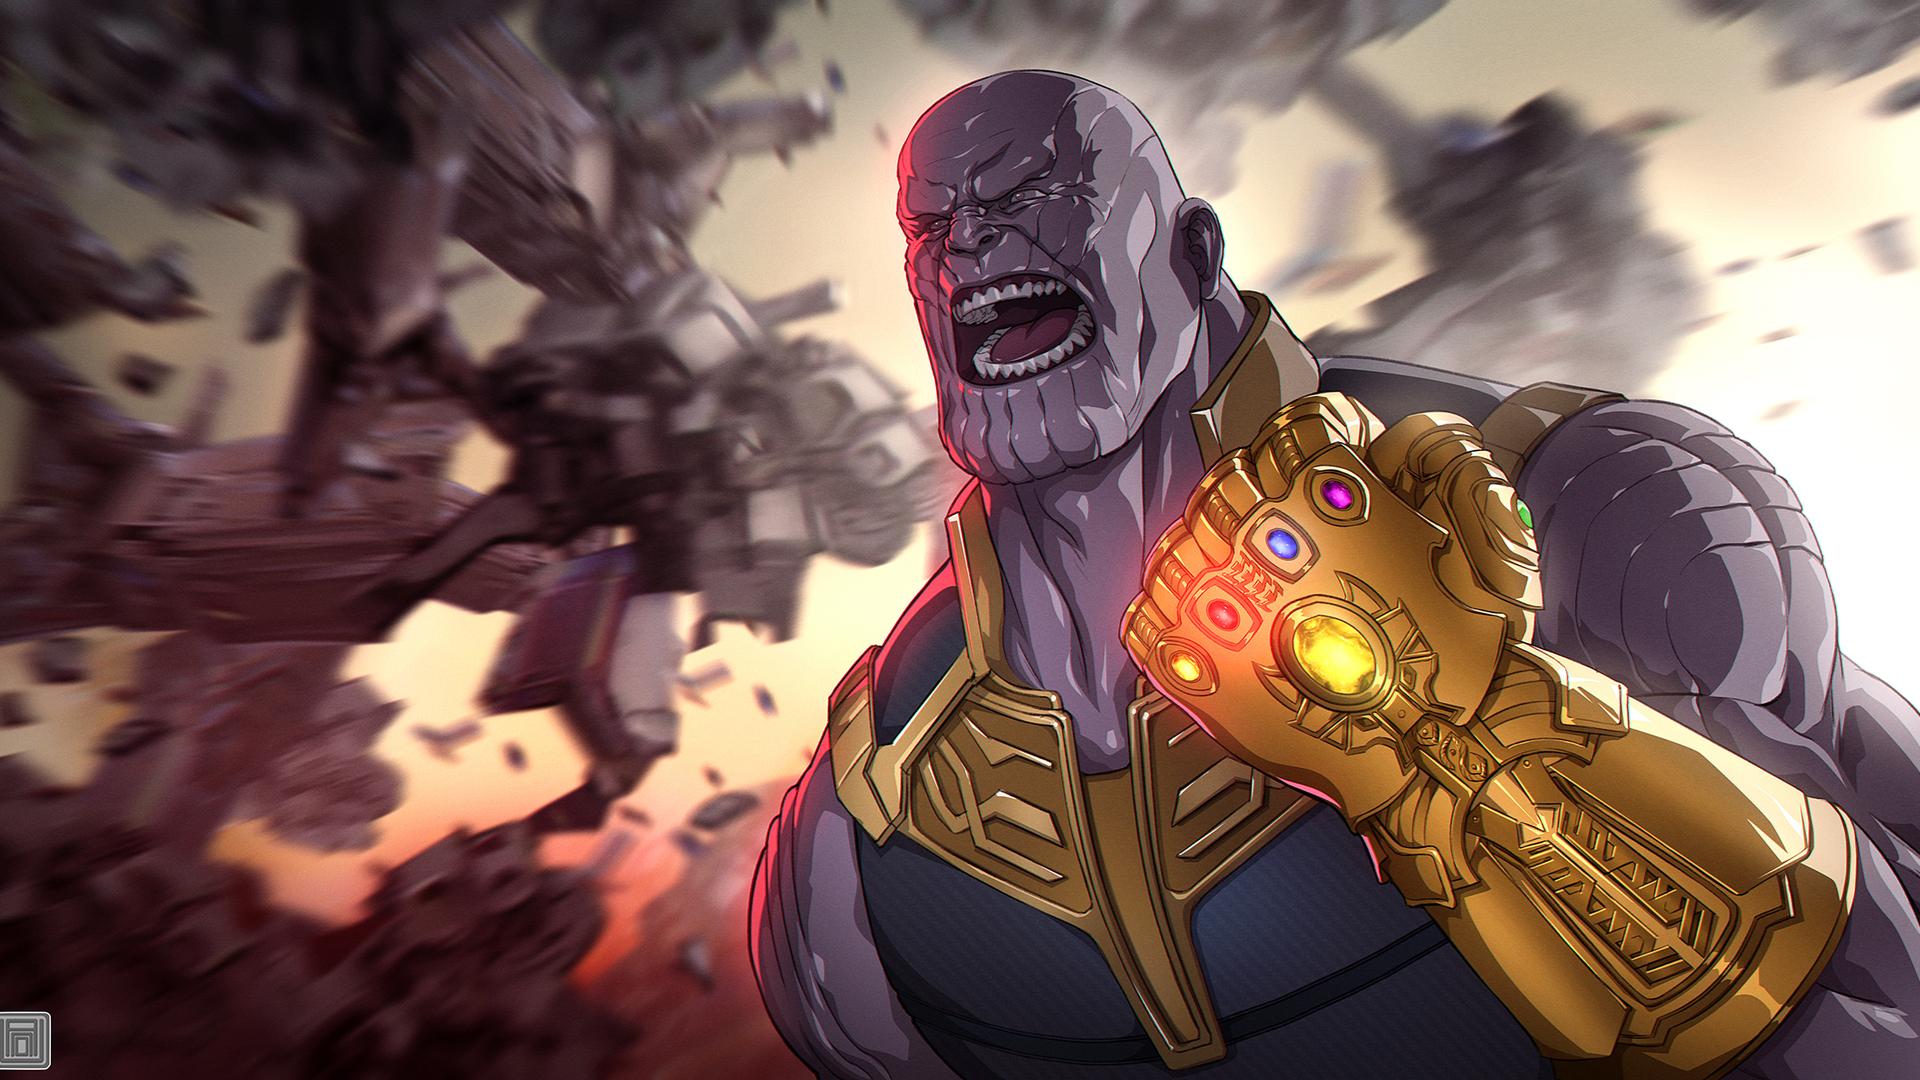 Wallpaper Thanos Avengers Infinity War Artwork Hd: 1920x1080 Avengers Infinity War Thanos Gauntlet Artwork